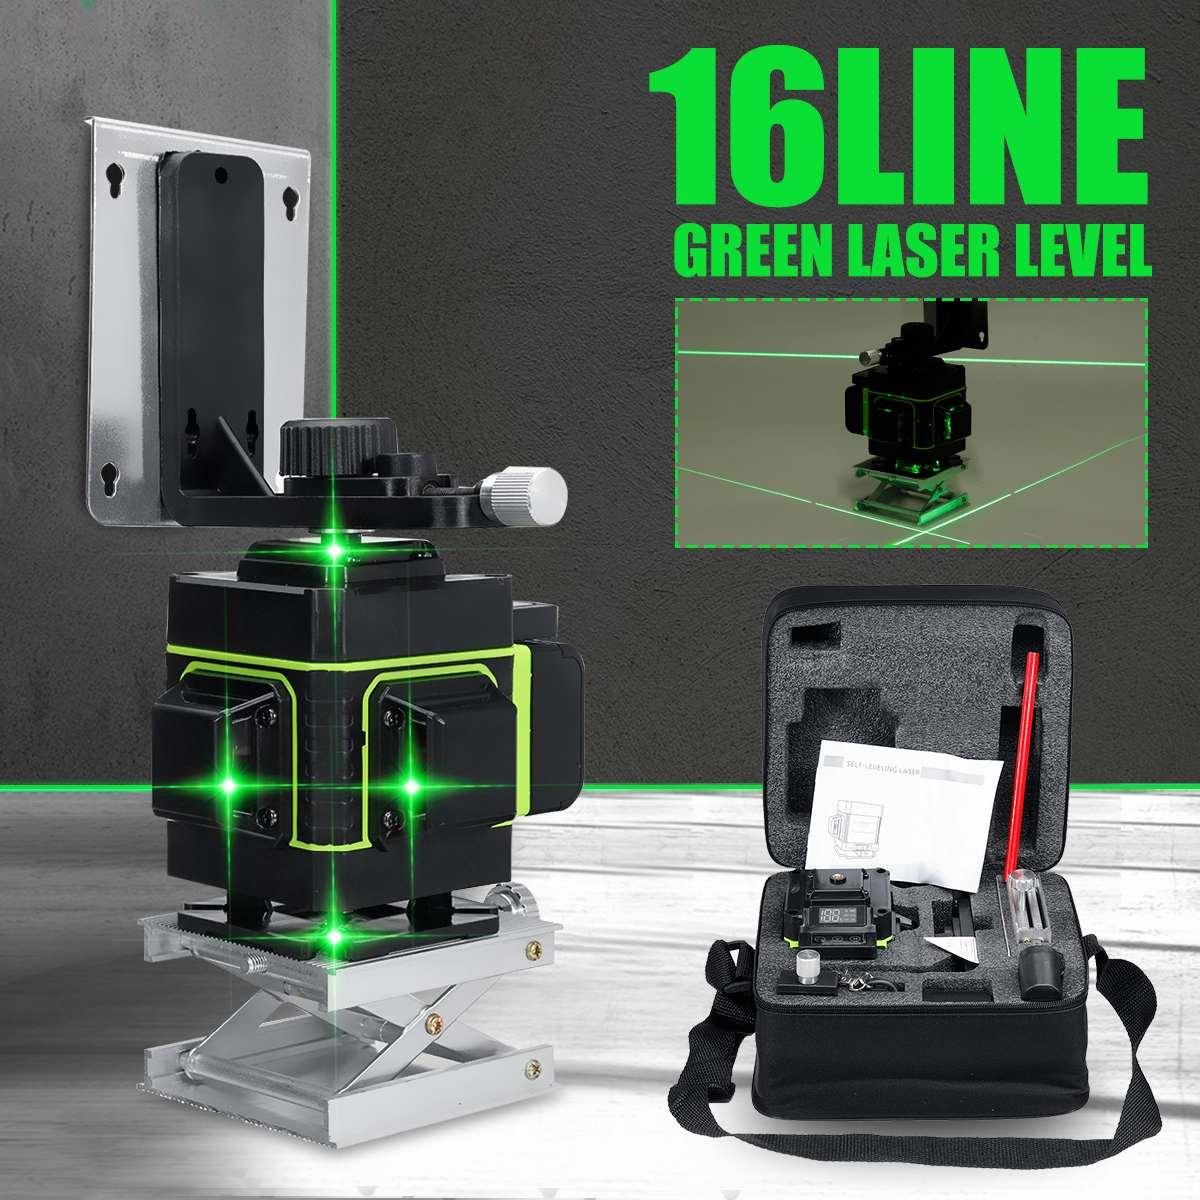 16 linien Laser Level 3D Selbst Nivellierung 360 Dreh Horizontale Und Vertikale Kreuz Super Mächtige Blaue Grüne Strahl Linie laser Ebenen